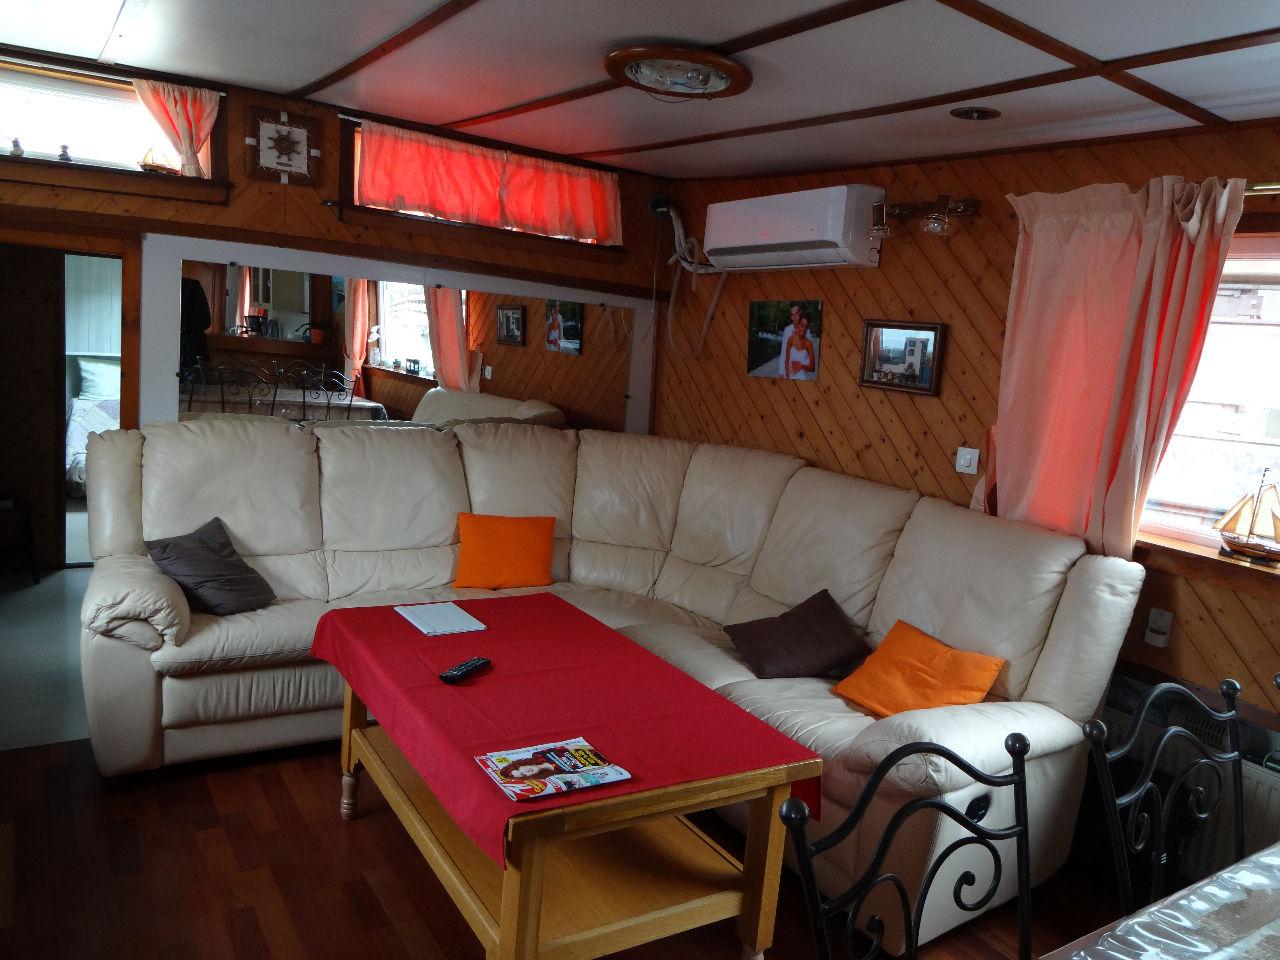 vente maison courbevoie 4 pi ces 80m 336 000 sur le partenaire. Black Bedroom Furniture Sets. Home Design Ideas